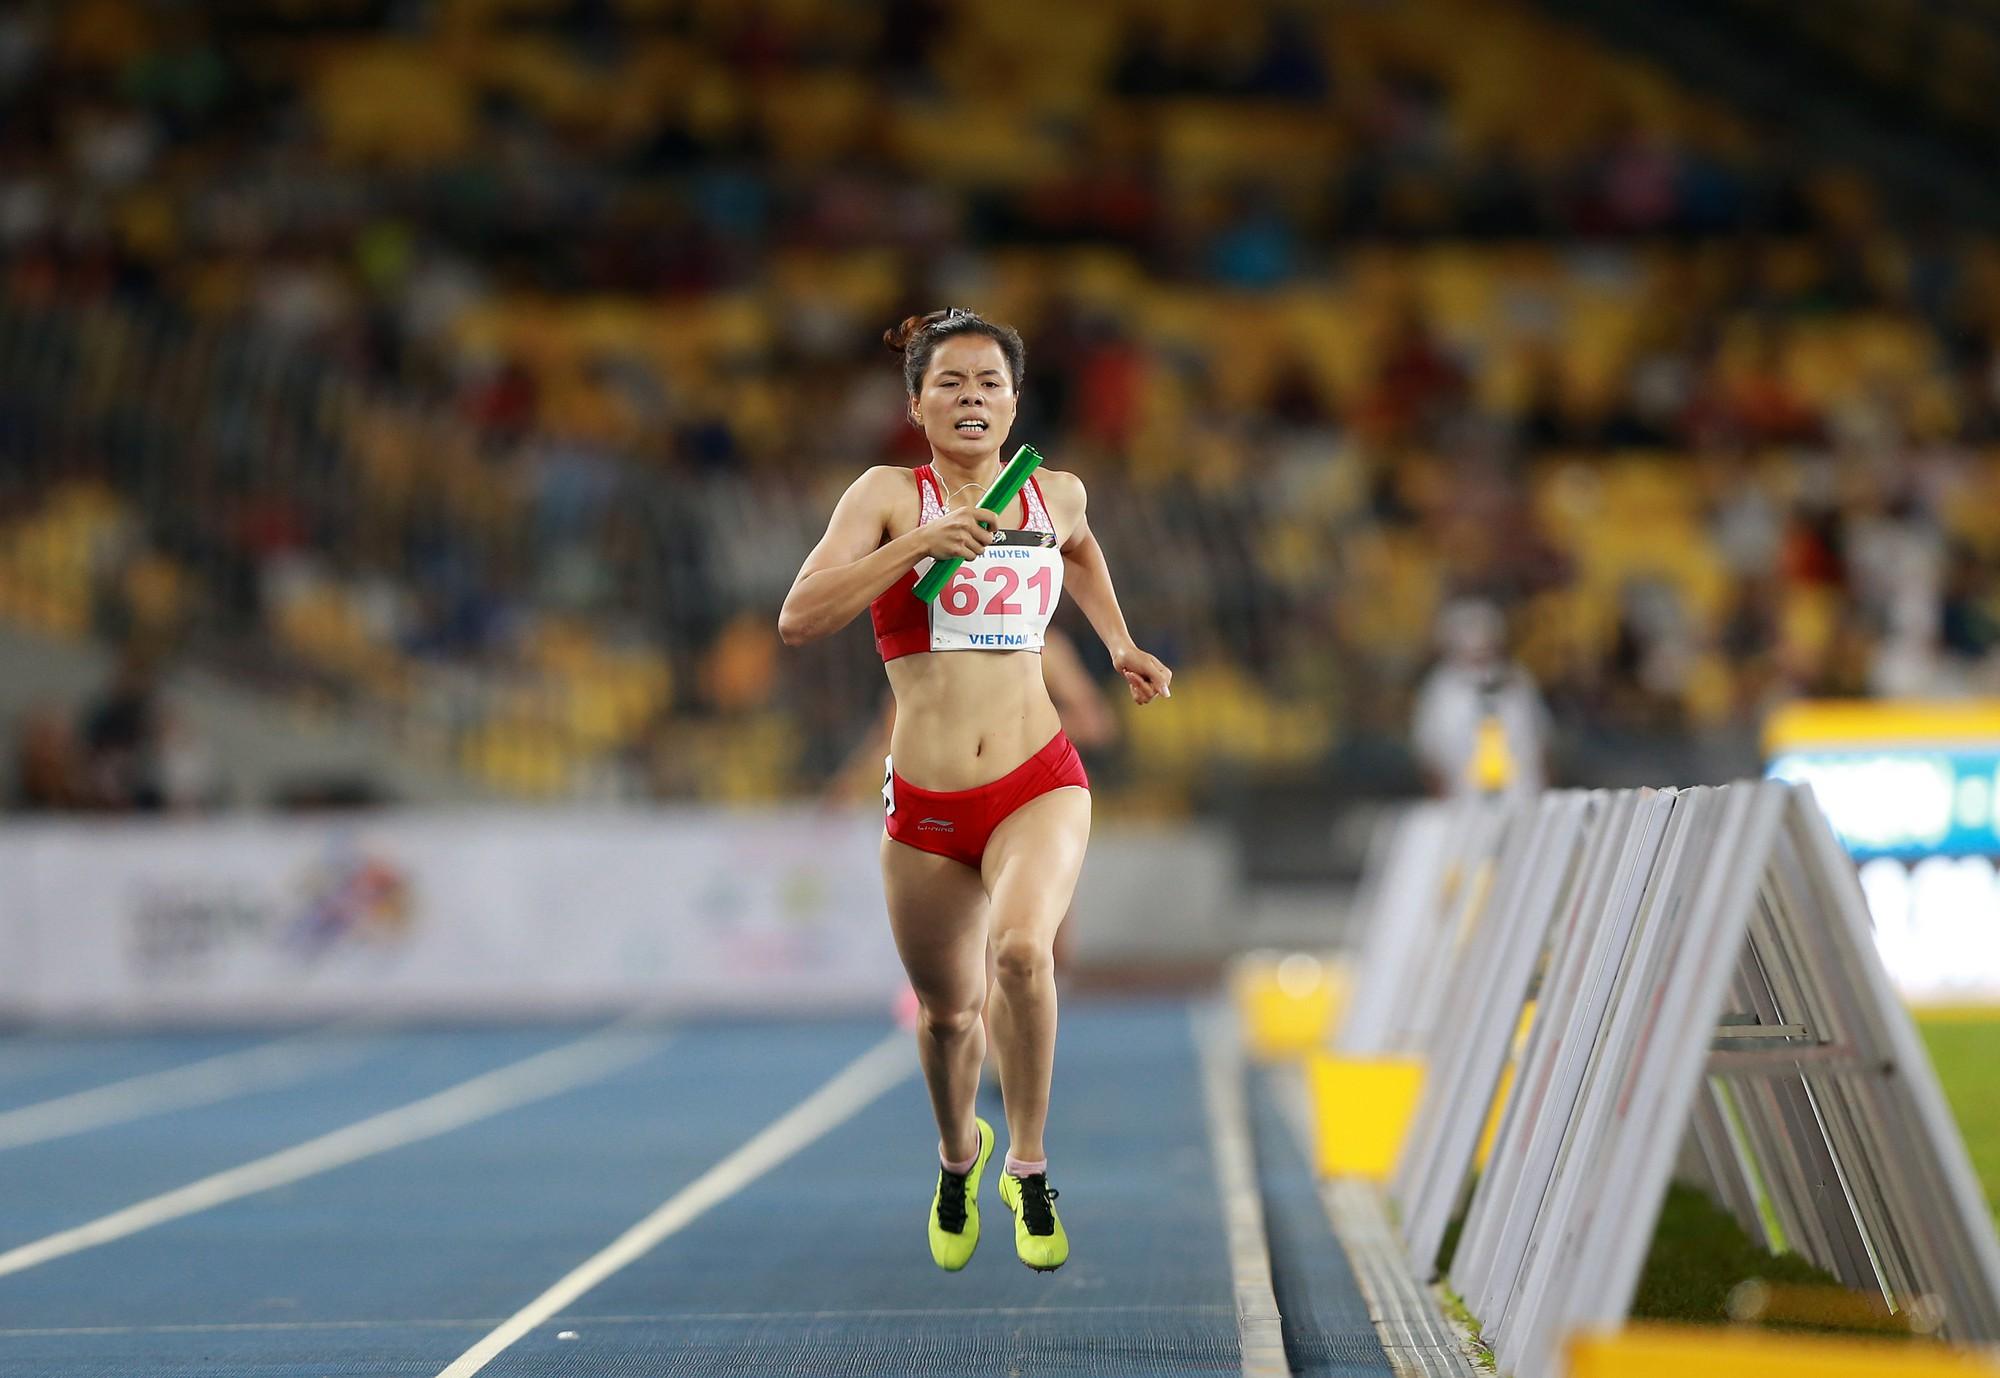 Cùng với sự hỗ trợ của gia đình và HLV Vũ Ngọc Lợi, Nguyễn Thị Huyền đã tỏa sáng ở SEA Games 29 sau một thời gian mất phong độ